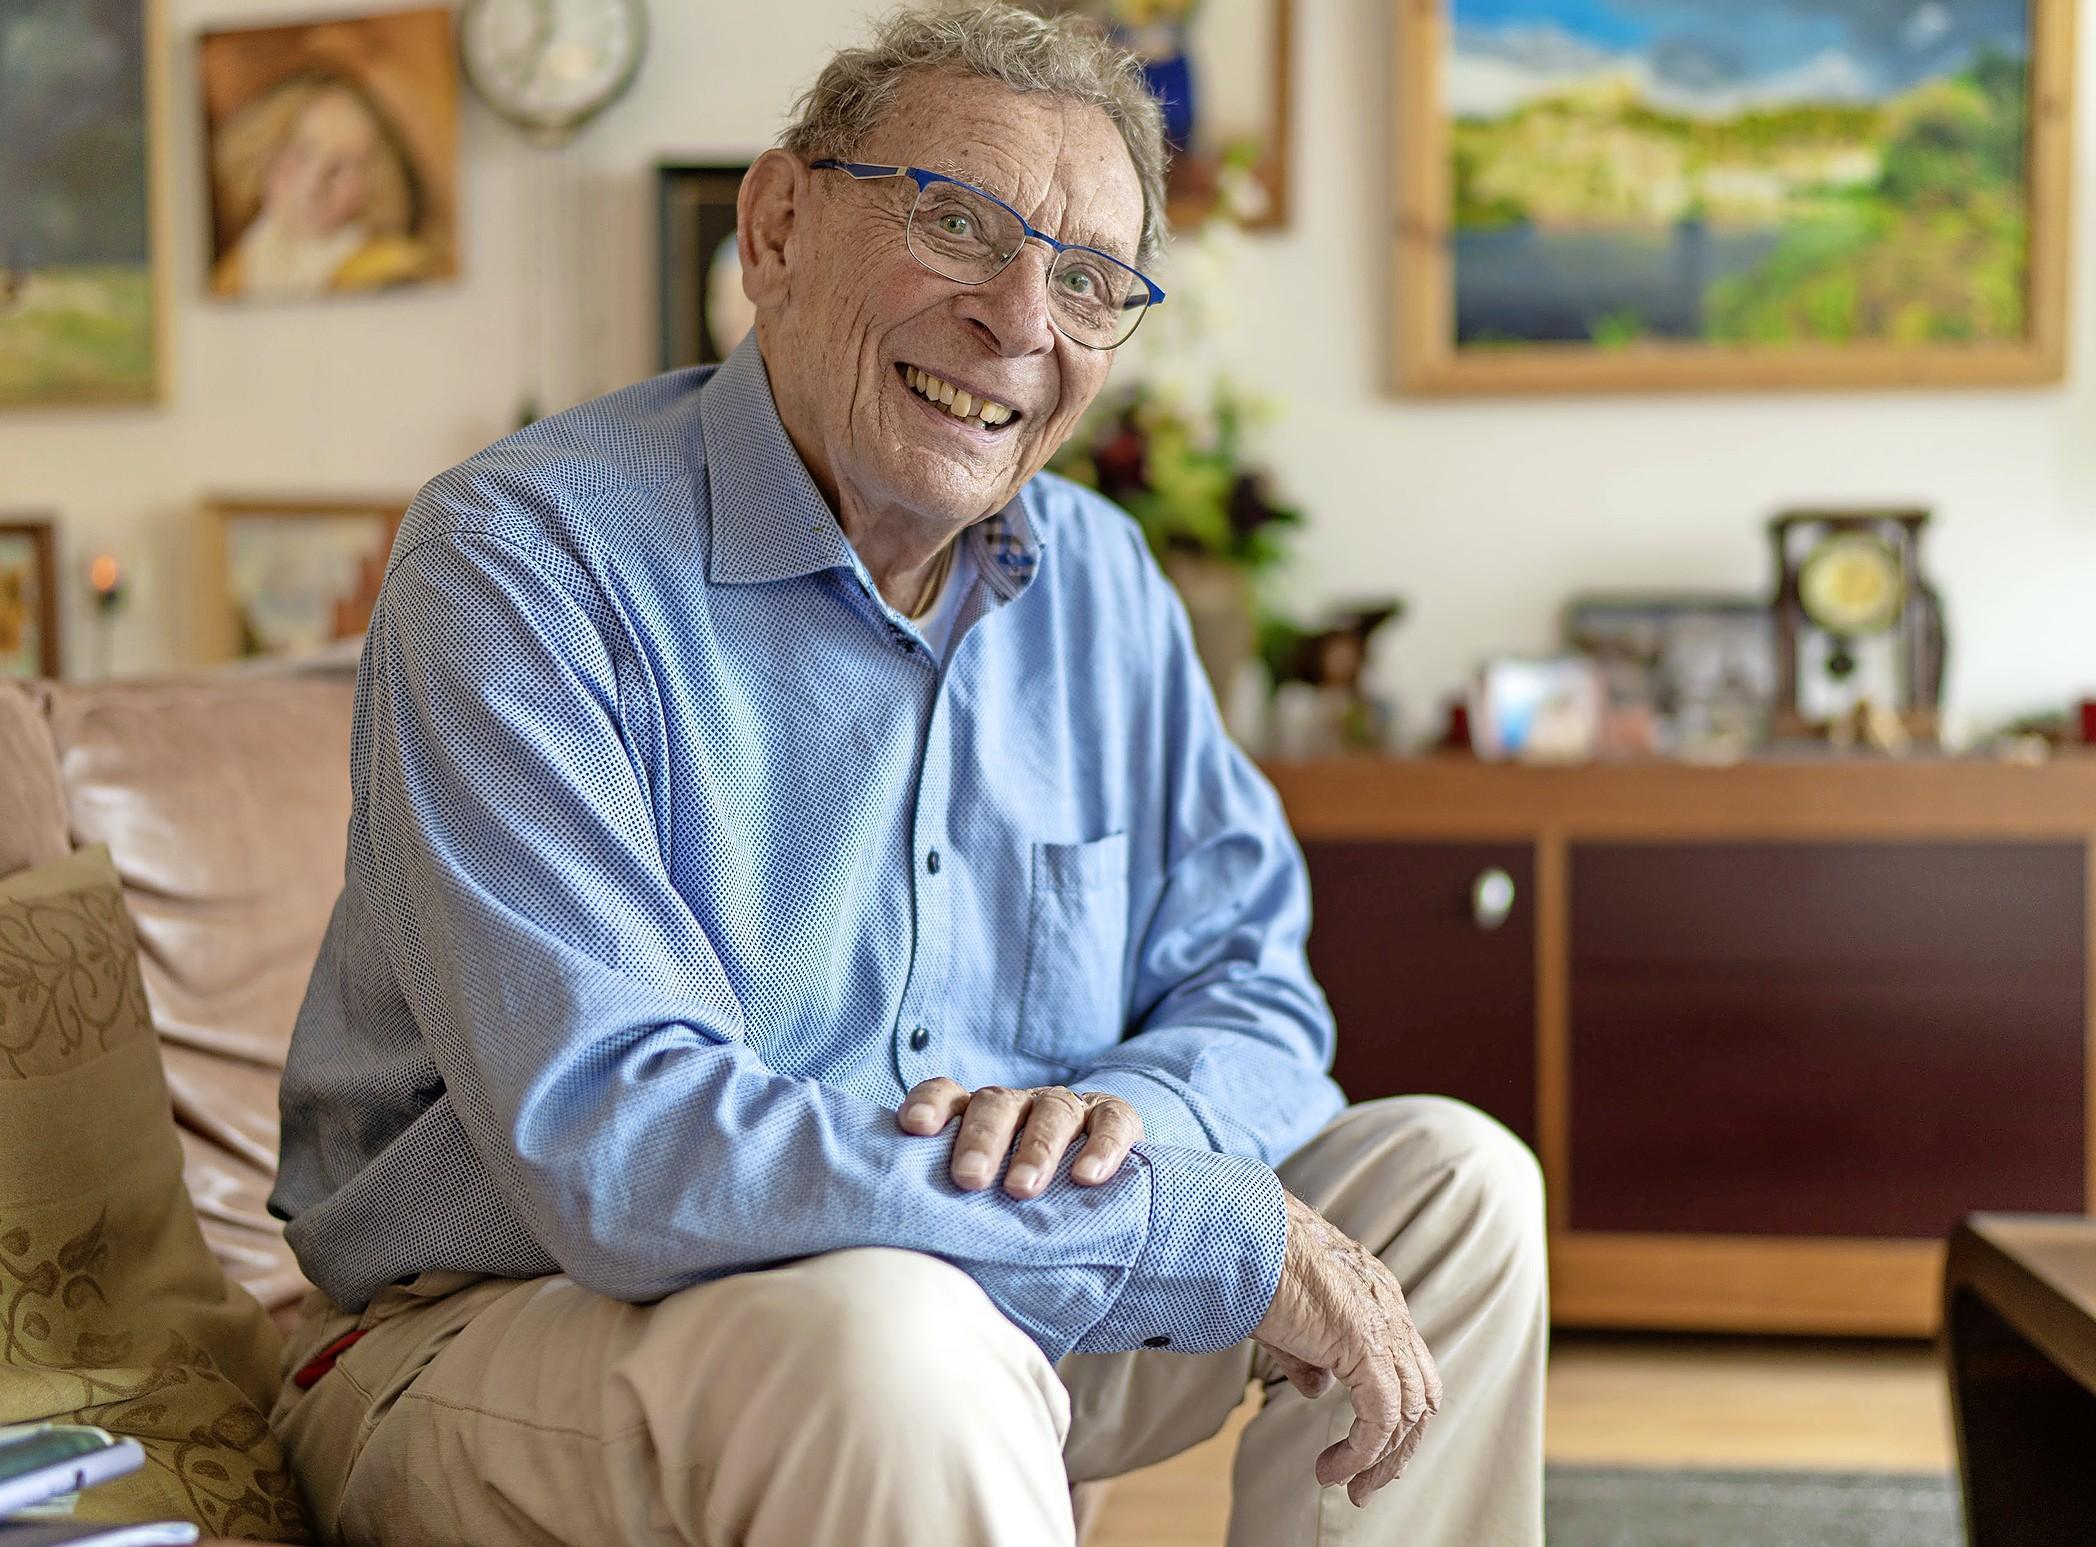 Delfste onderduiker Ben Wilmer (91) komt voor dorpsfeest terug naar Zuidschermer